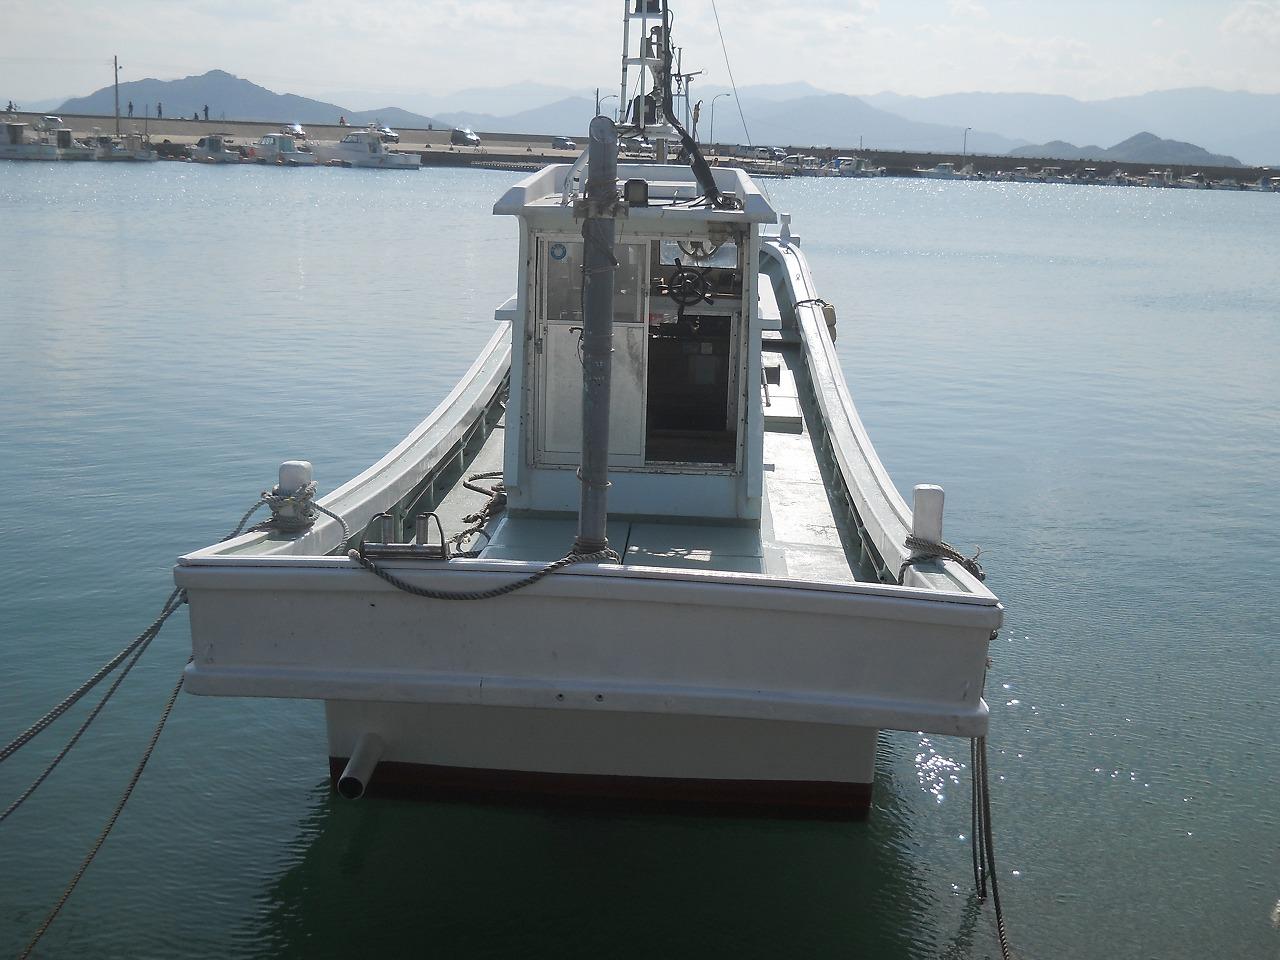 ヤンマー漁船中古 ヤンマー漁船中古 « » ヤンマー漁船